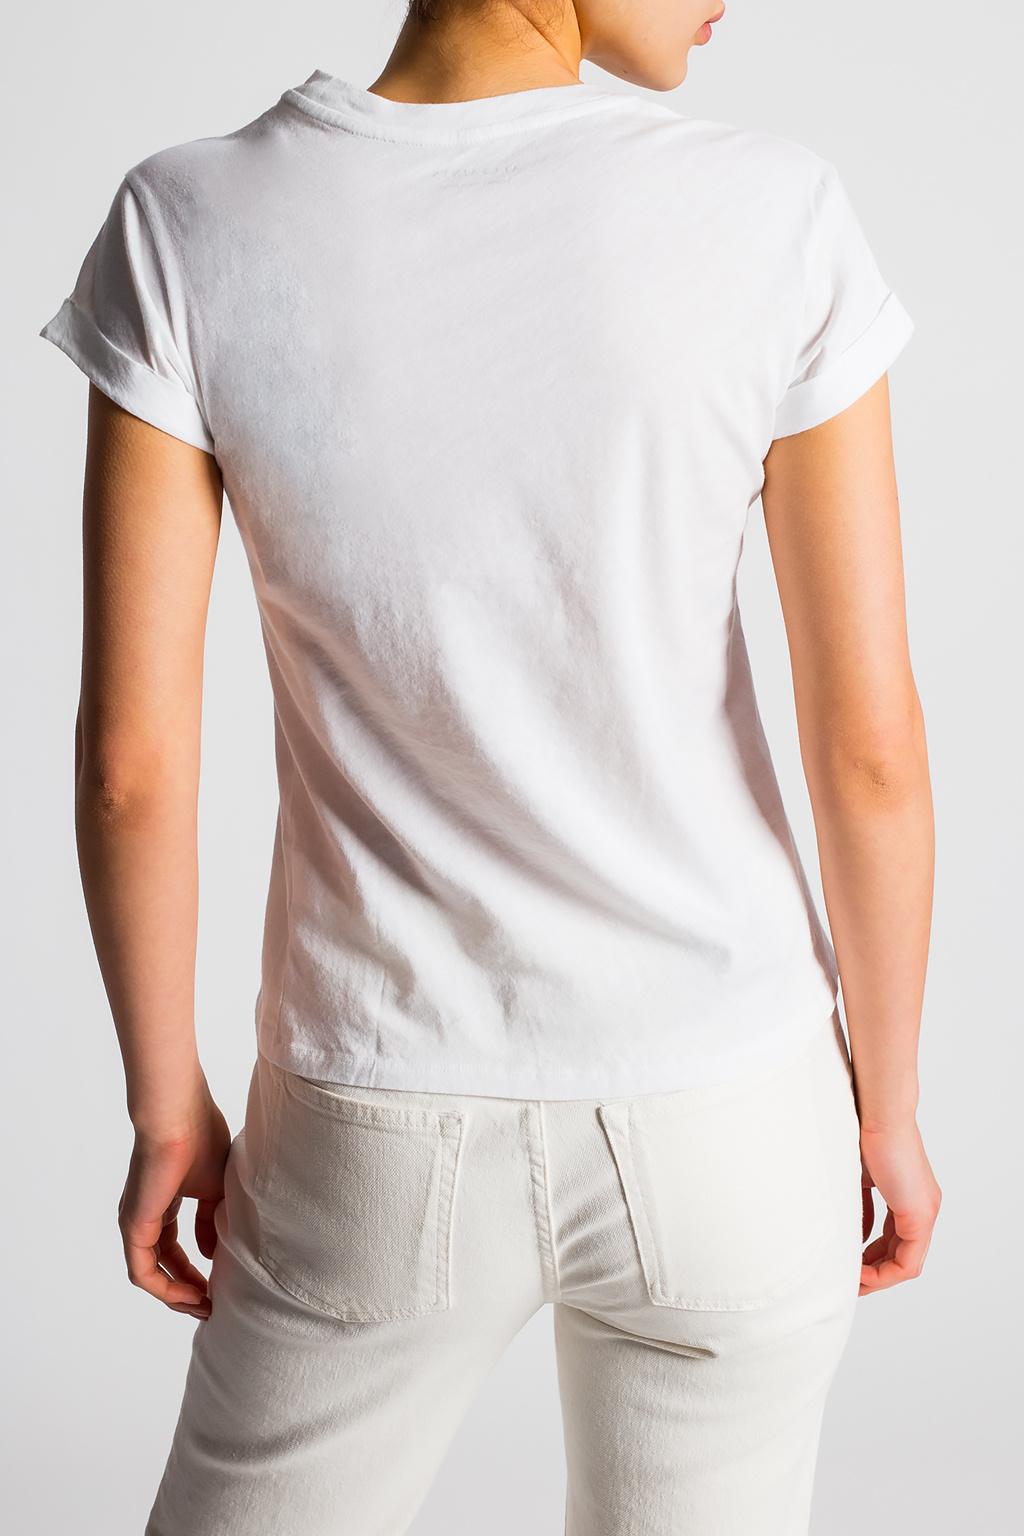 AllSaints 'Boxsaints' T-shirt